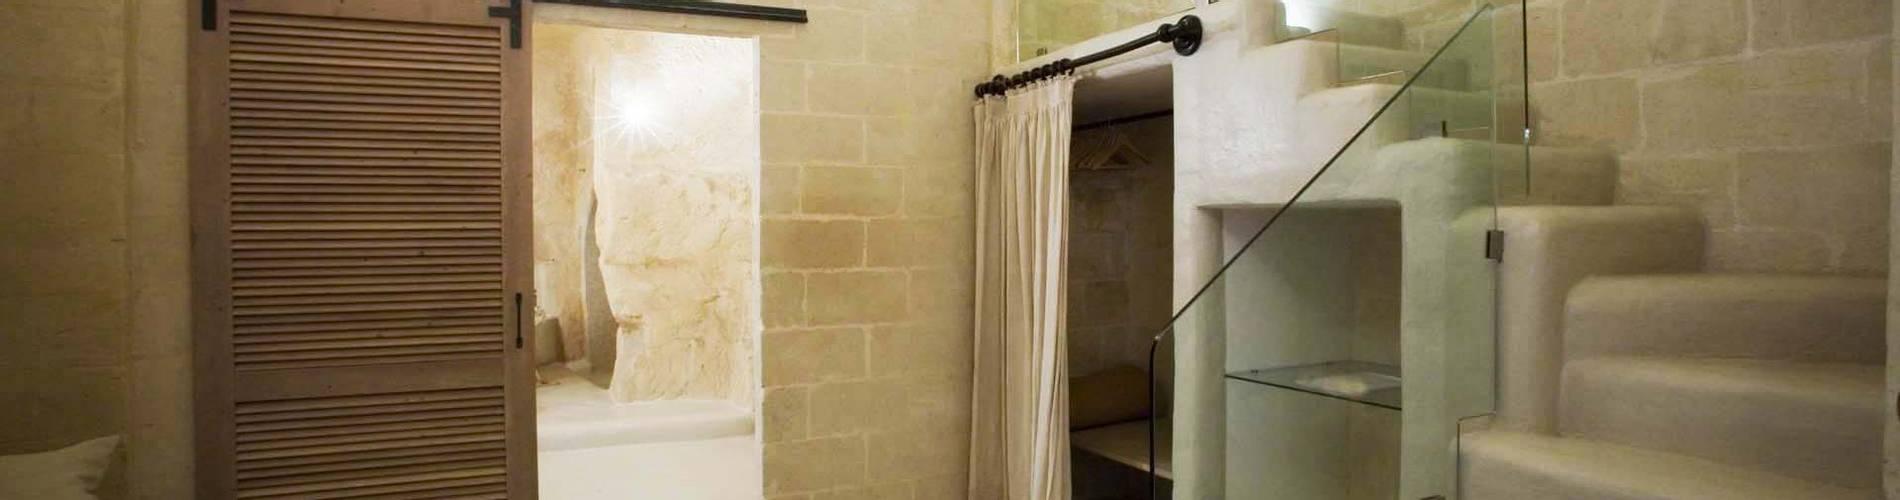 L'Hotel In Pietra, Basilicata, Italy, Suite 1004 (4).jpg